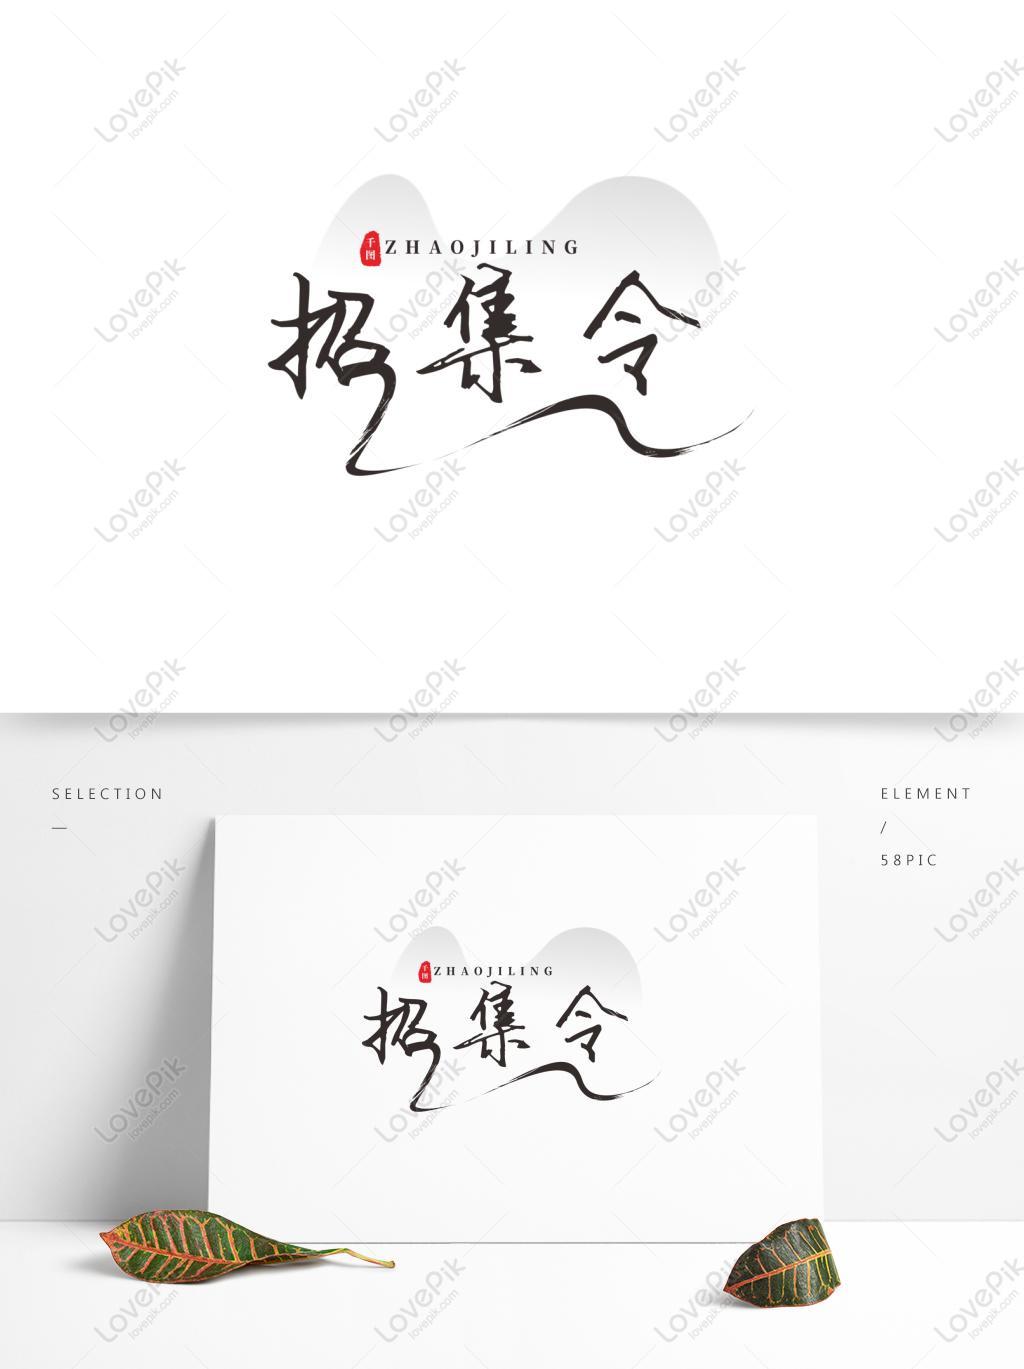 招募令招聘艺术字图片素材-psd图片尺寸1369 × 1024